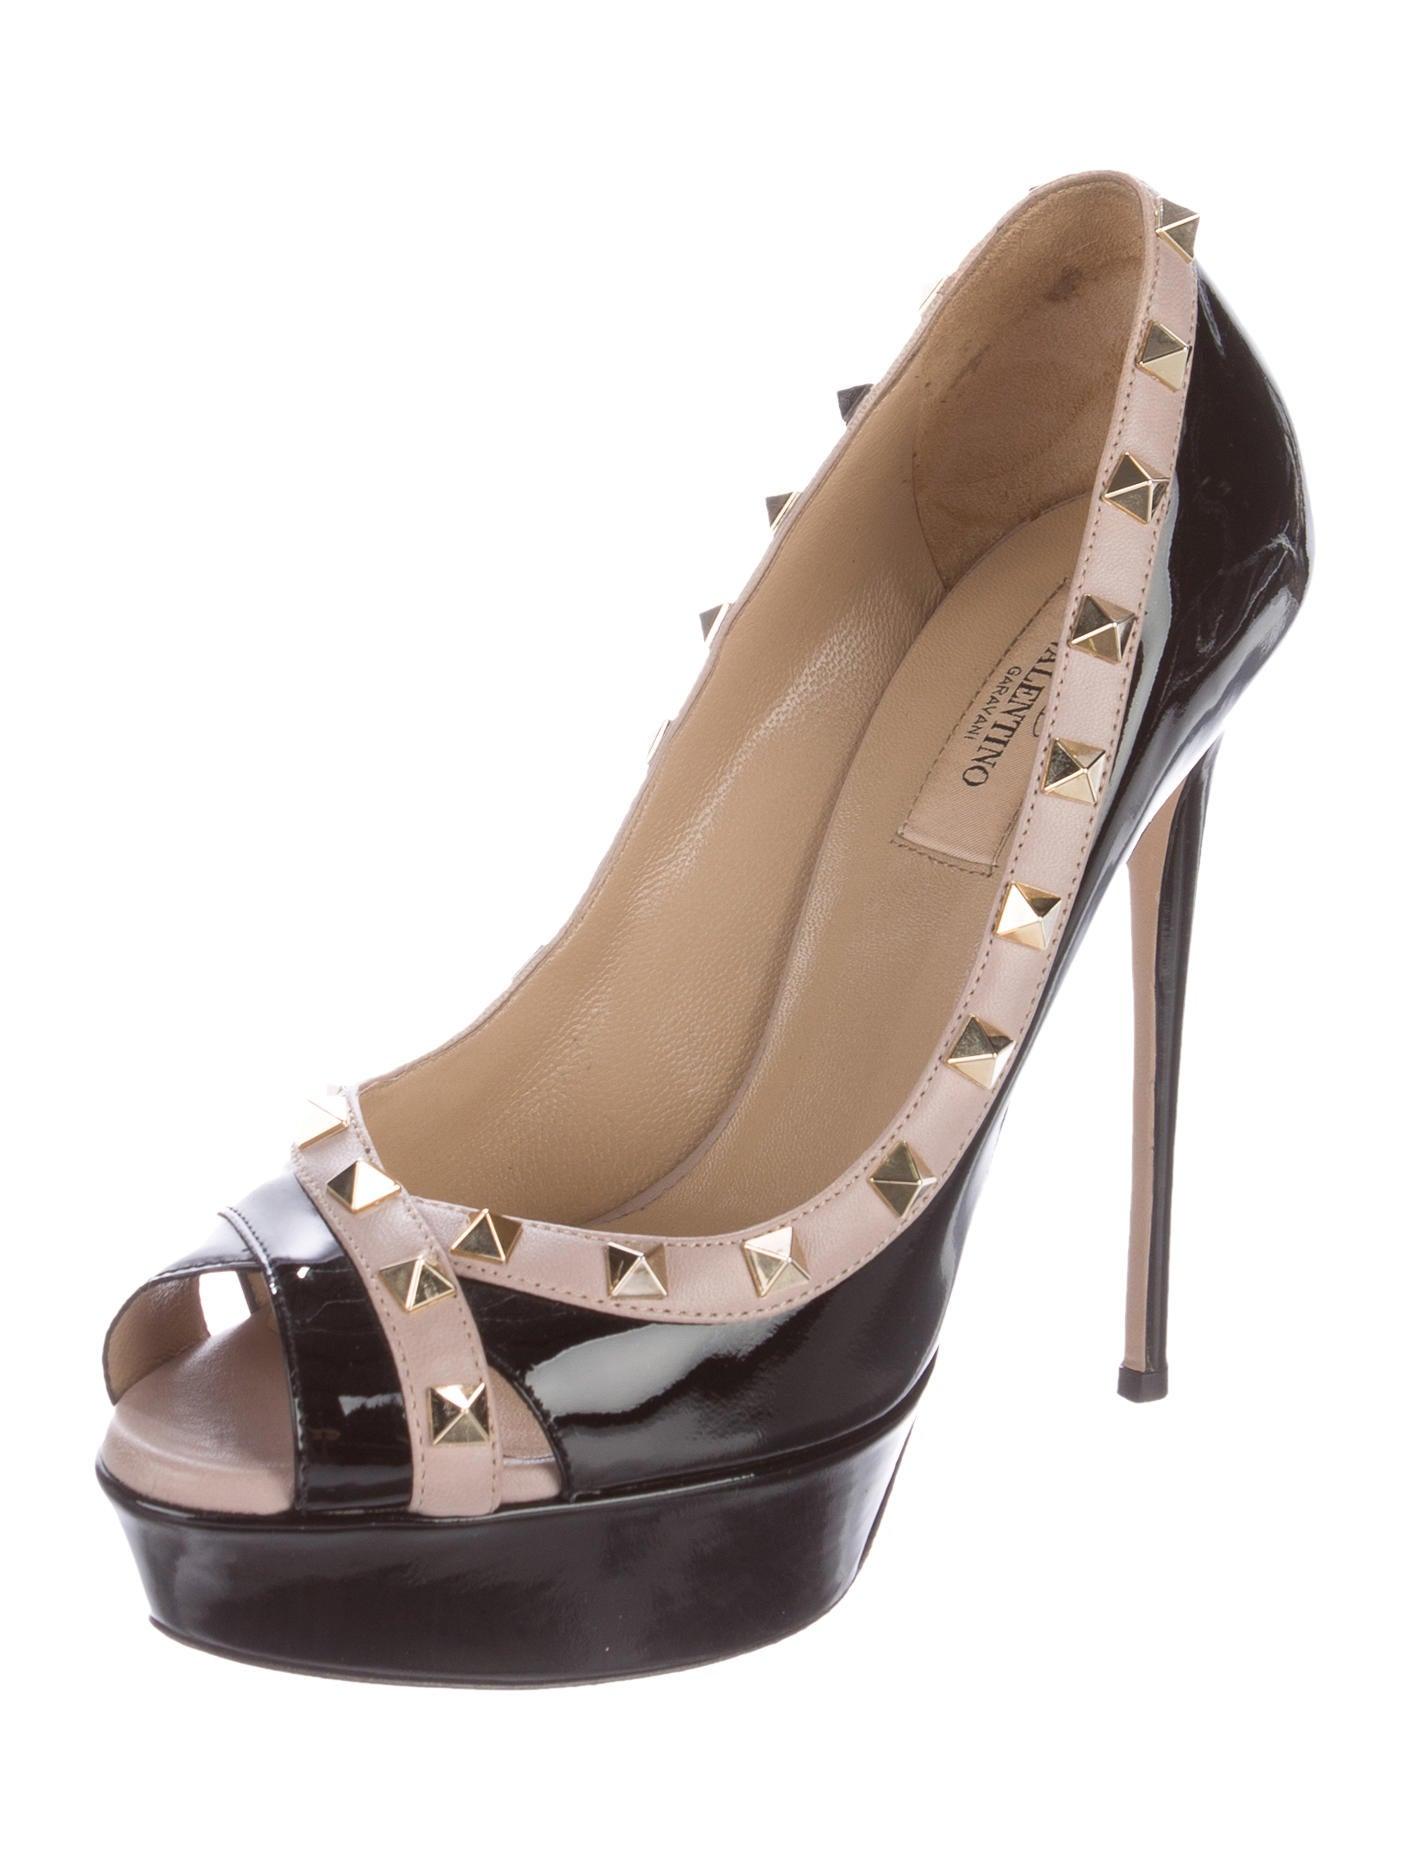 valentino rockstud platform pumps shoes val65902 the. Black Bedroom Furniture Sets. Home Design Ideas